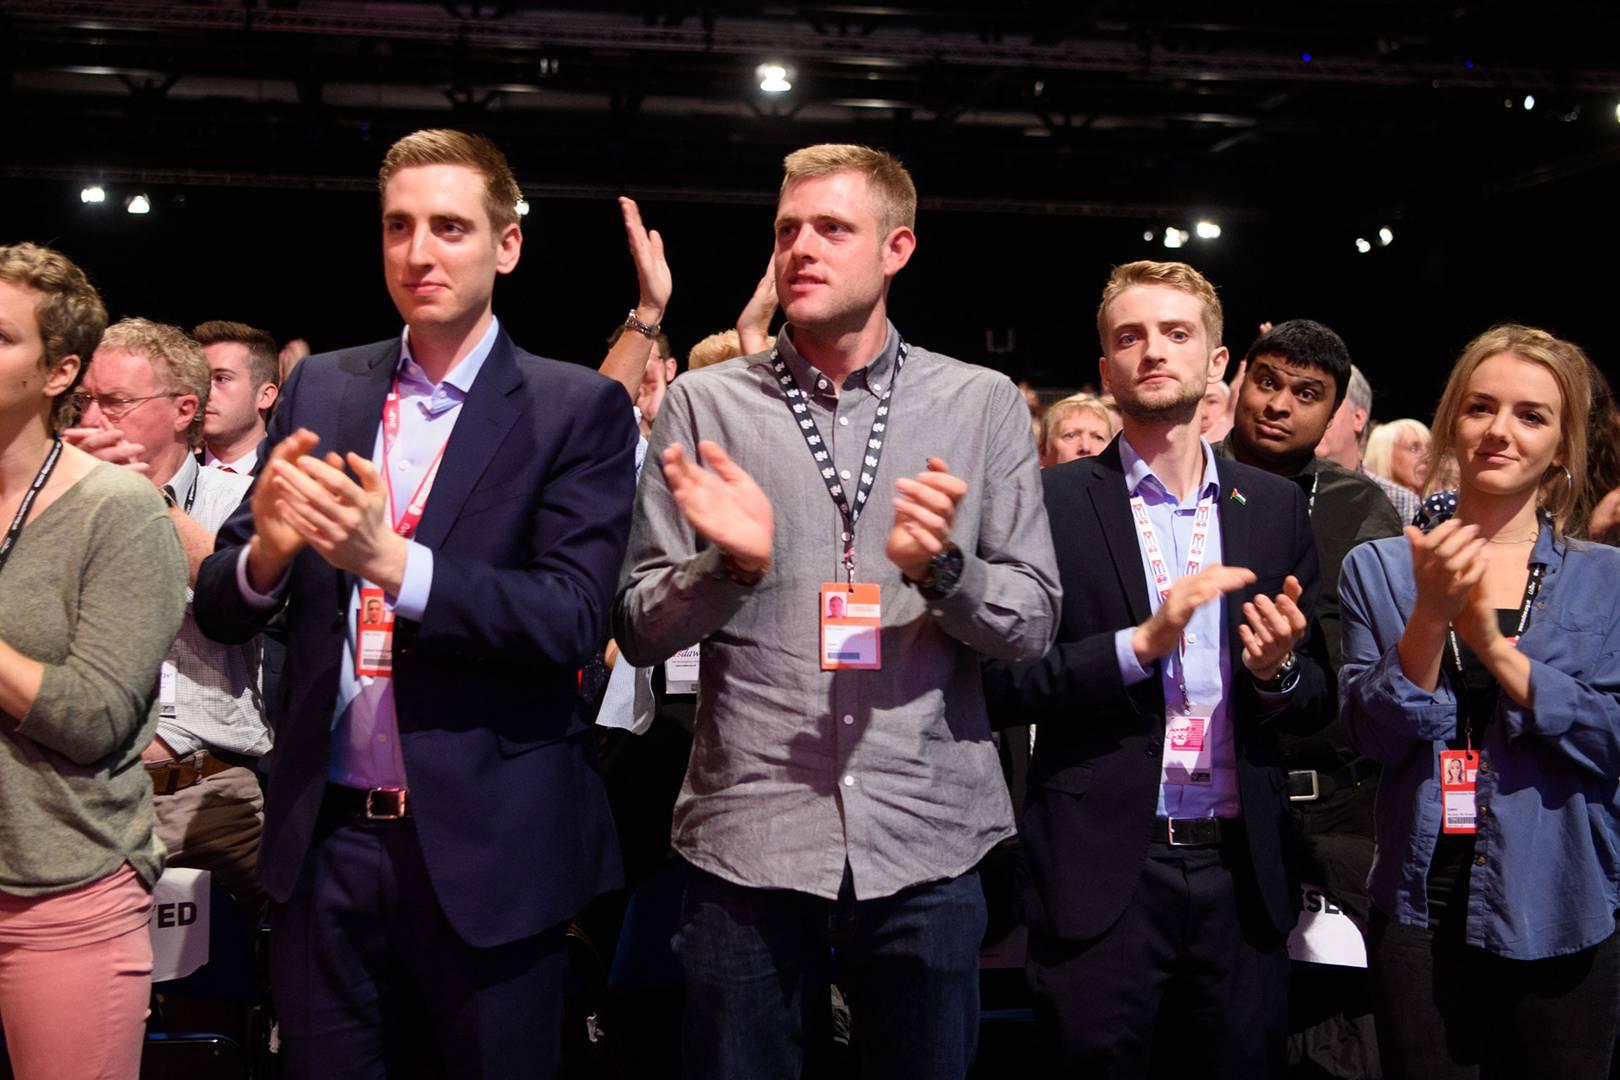 Meet the sons of Jeremy Corbyn